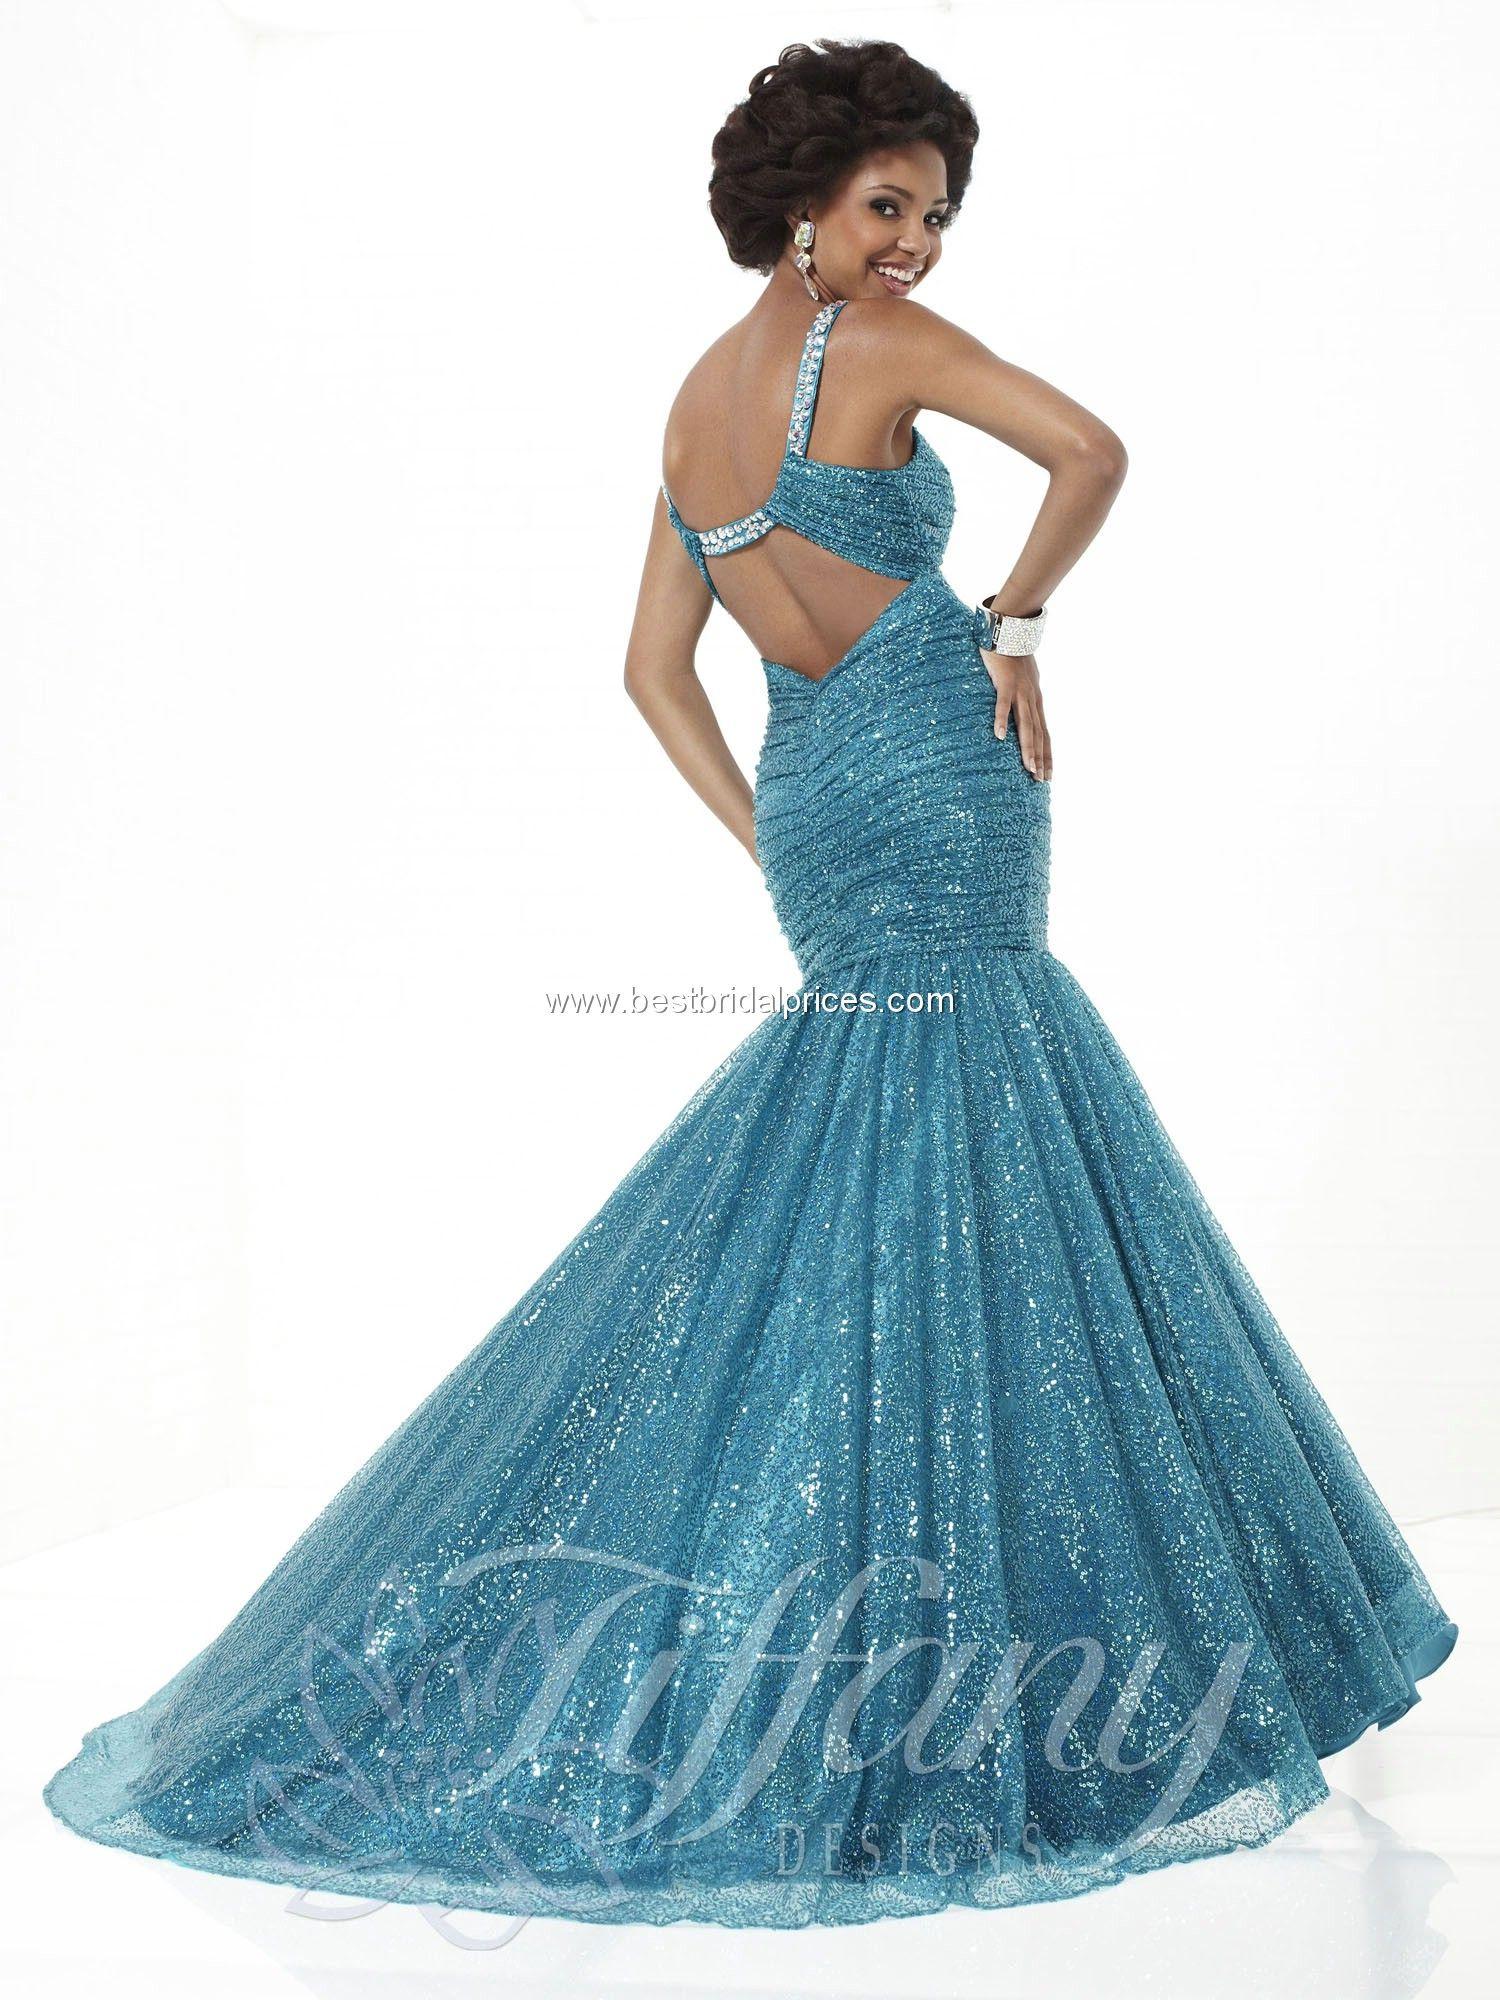 Tiffany In Stock Purple Dress - Style 16751 [16751] - $408.00 ...